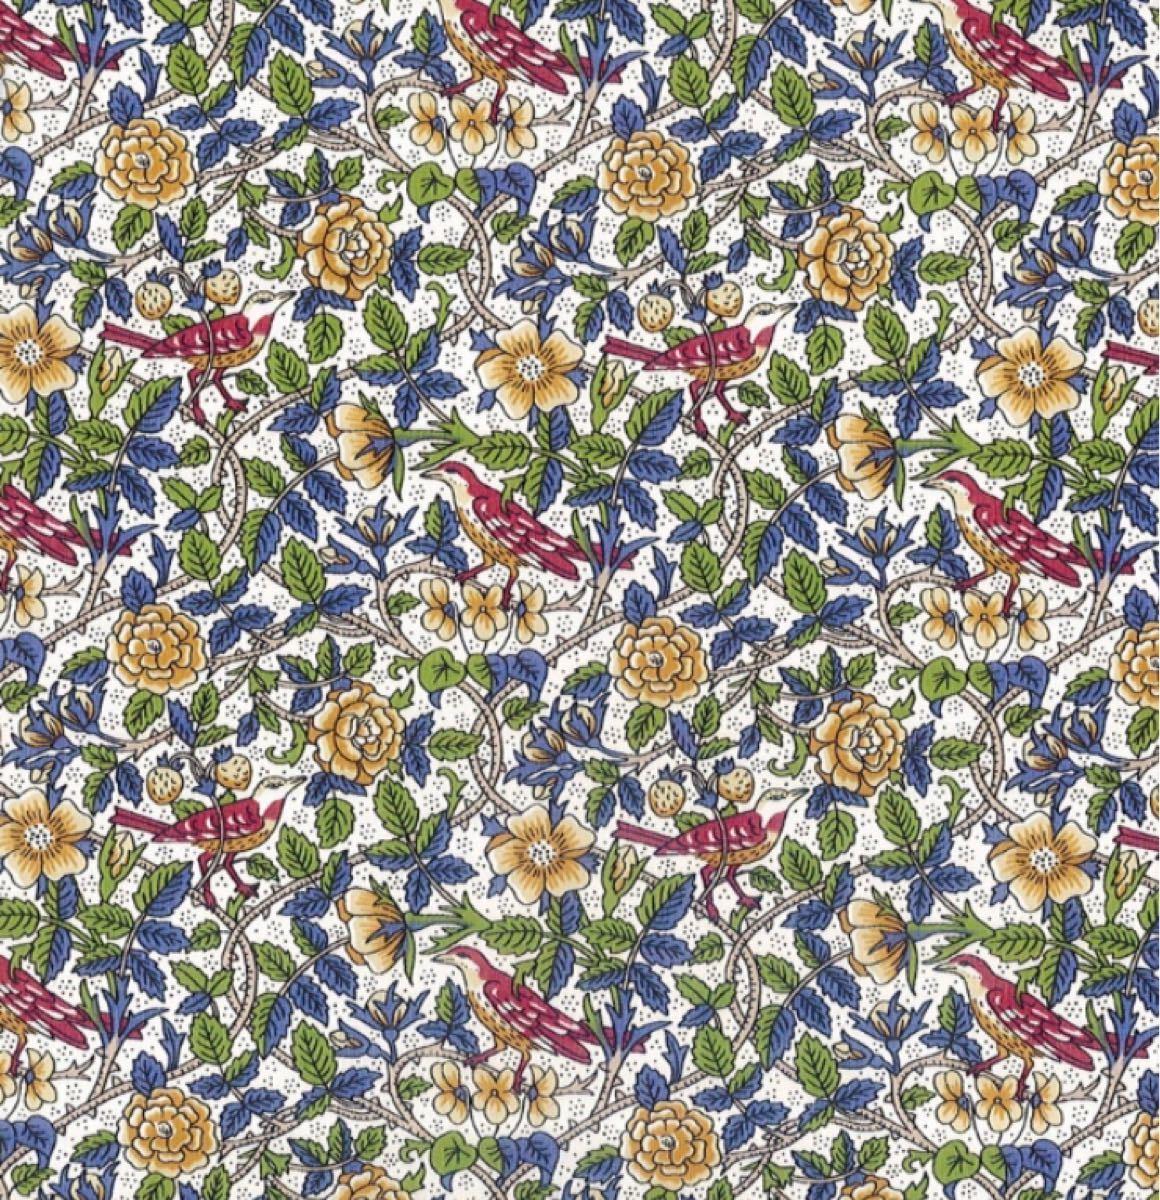 リバティ ストロベリーツリーグリーン 生地幅×200cm 国産タナローン